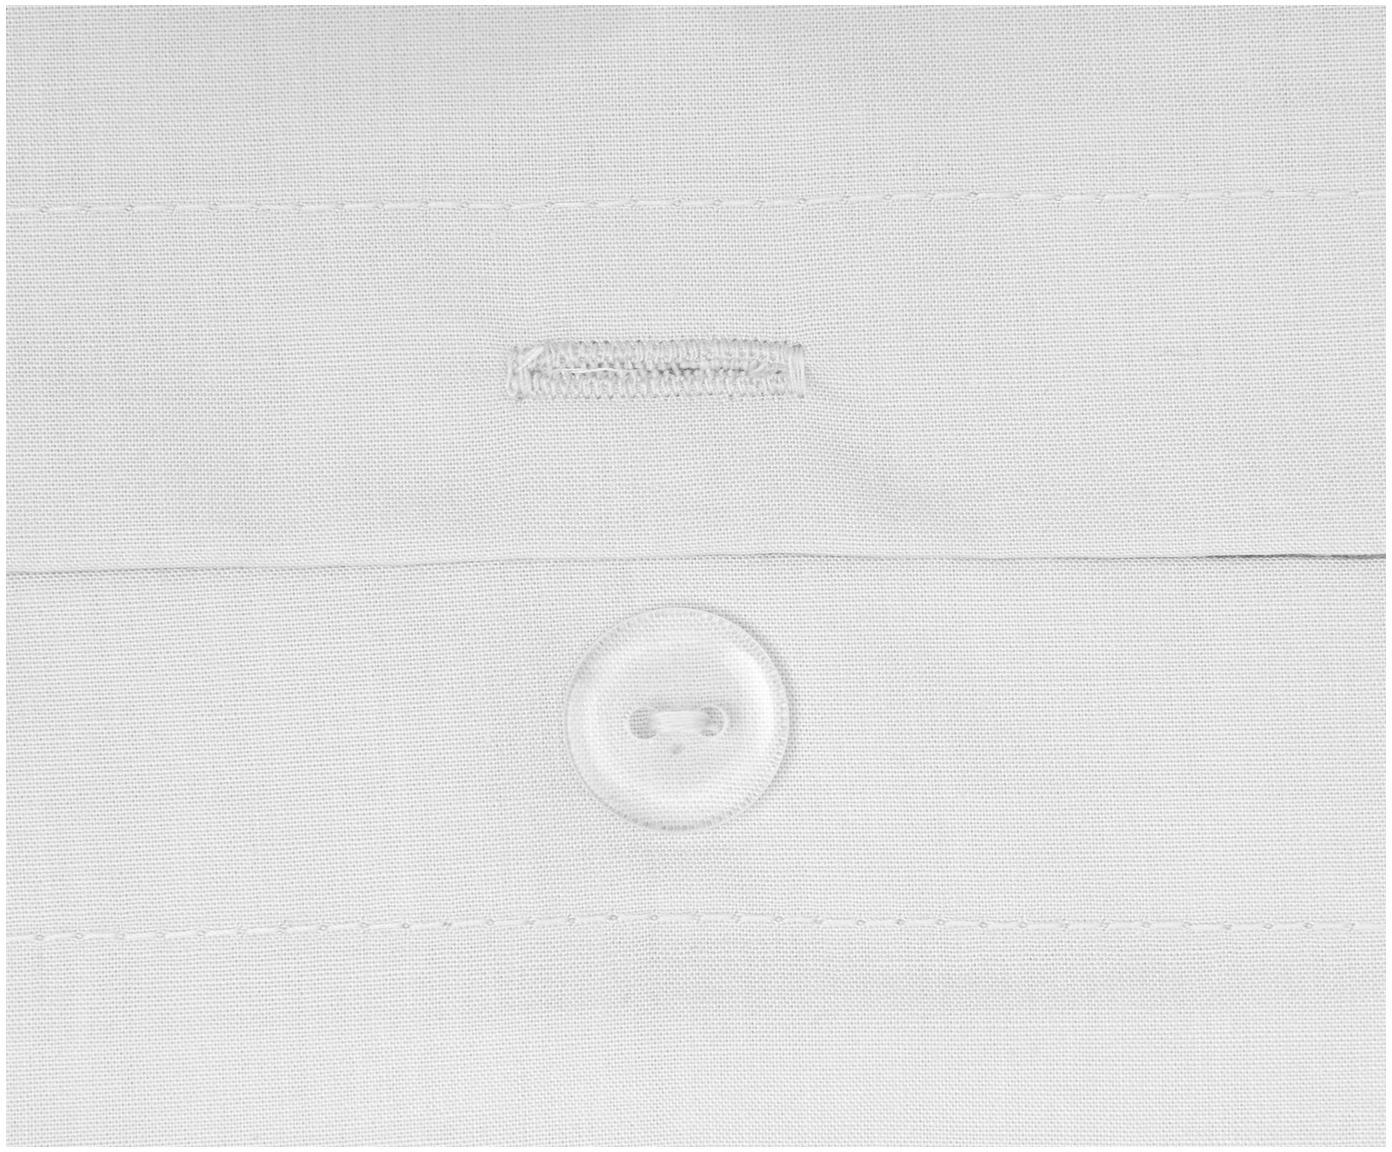 Pościel z perkalu z pomponami Bommy, Jasny szary, 135 x 200 cm